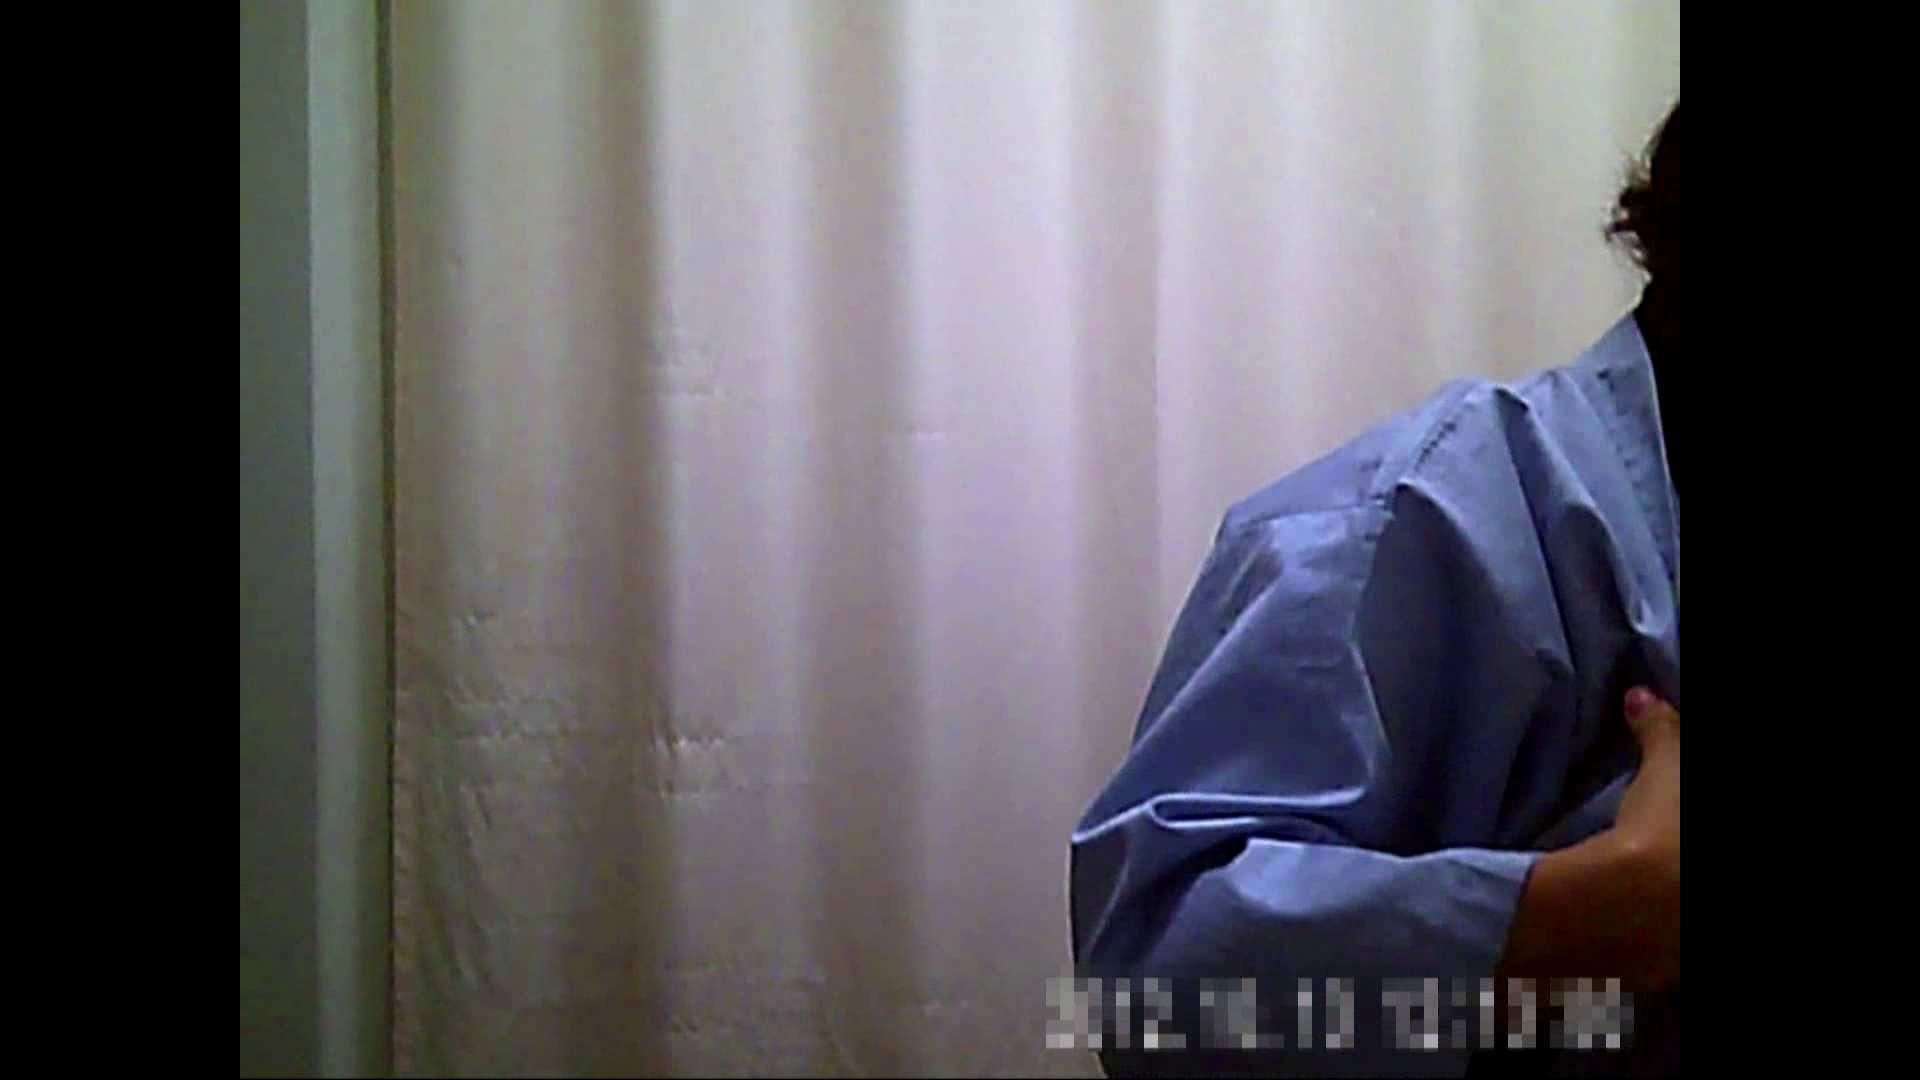 元医者による反抗 更衣室地獄絵巻 vol.059 OLの実態 | 0  73pic 43